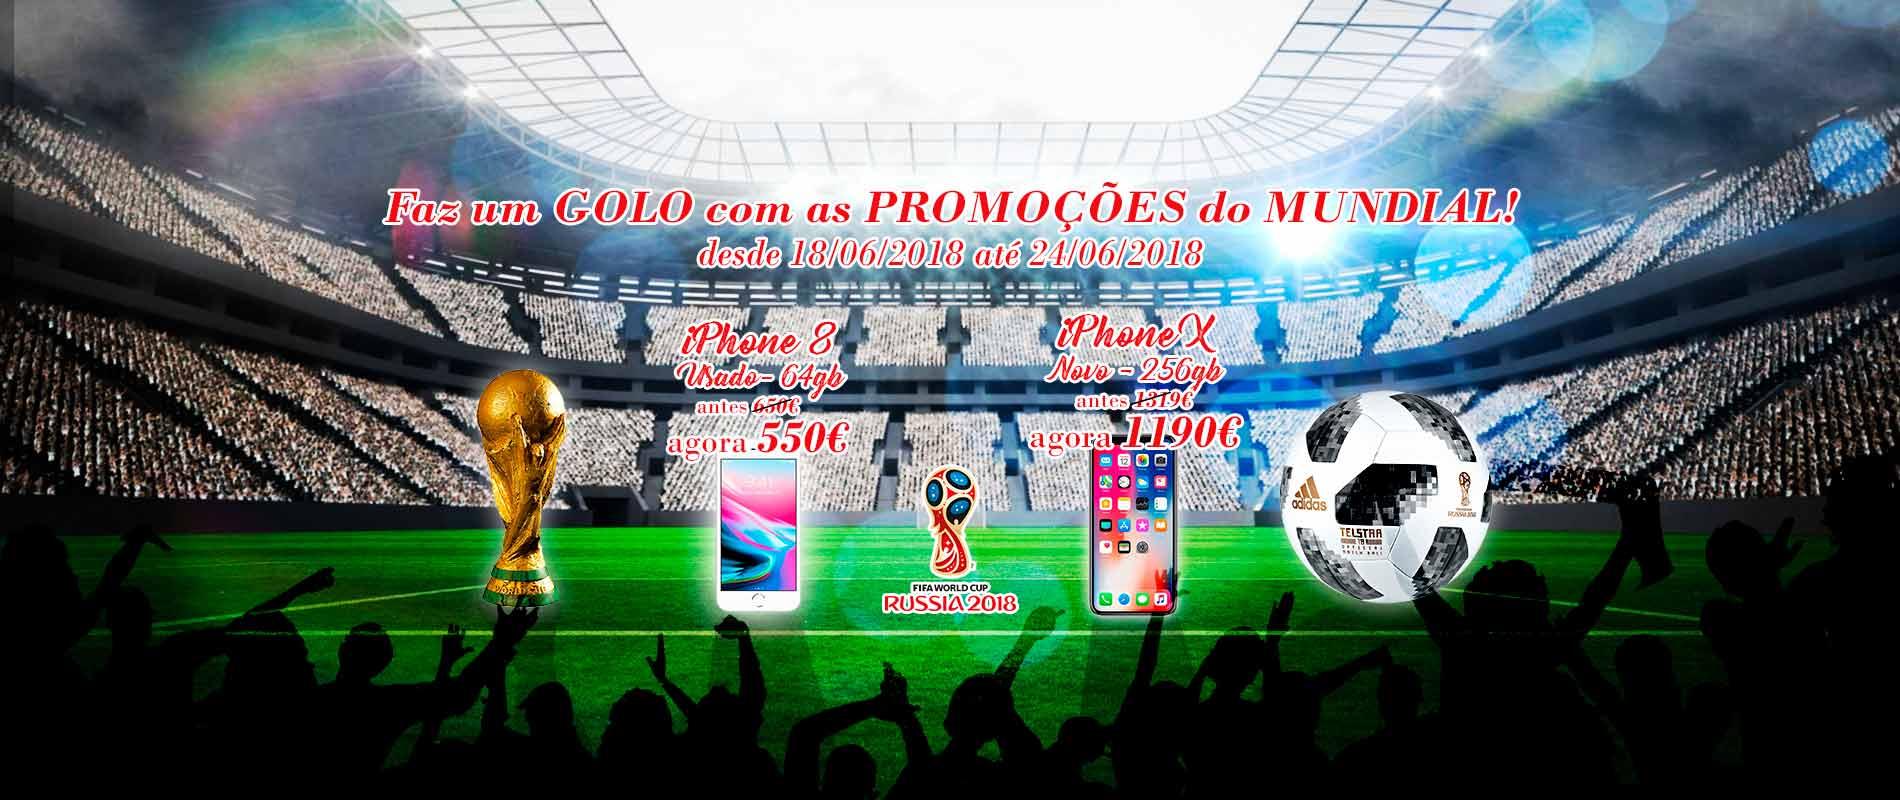 Gadget Hub – Promoções Mundial 2018 – Promoção iPhone 7 e iPhone 8 – Promoções Apple em Lisboa_2